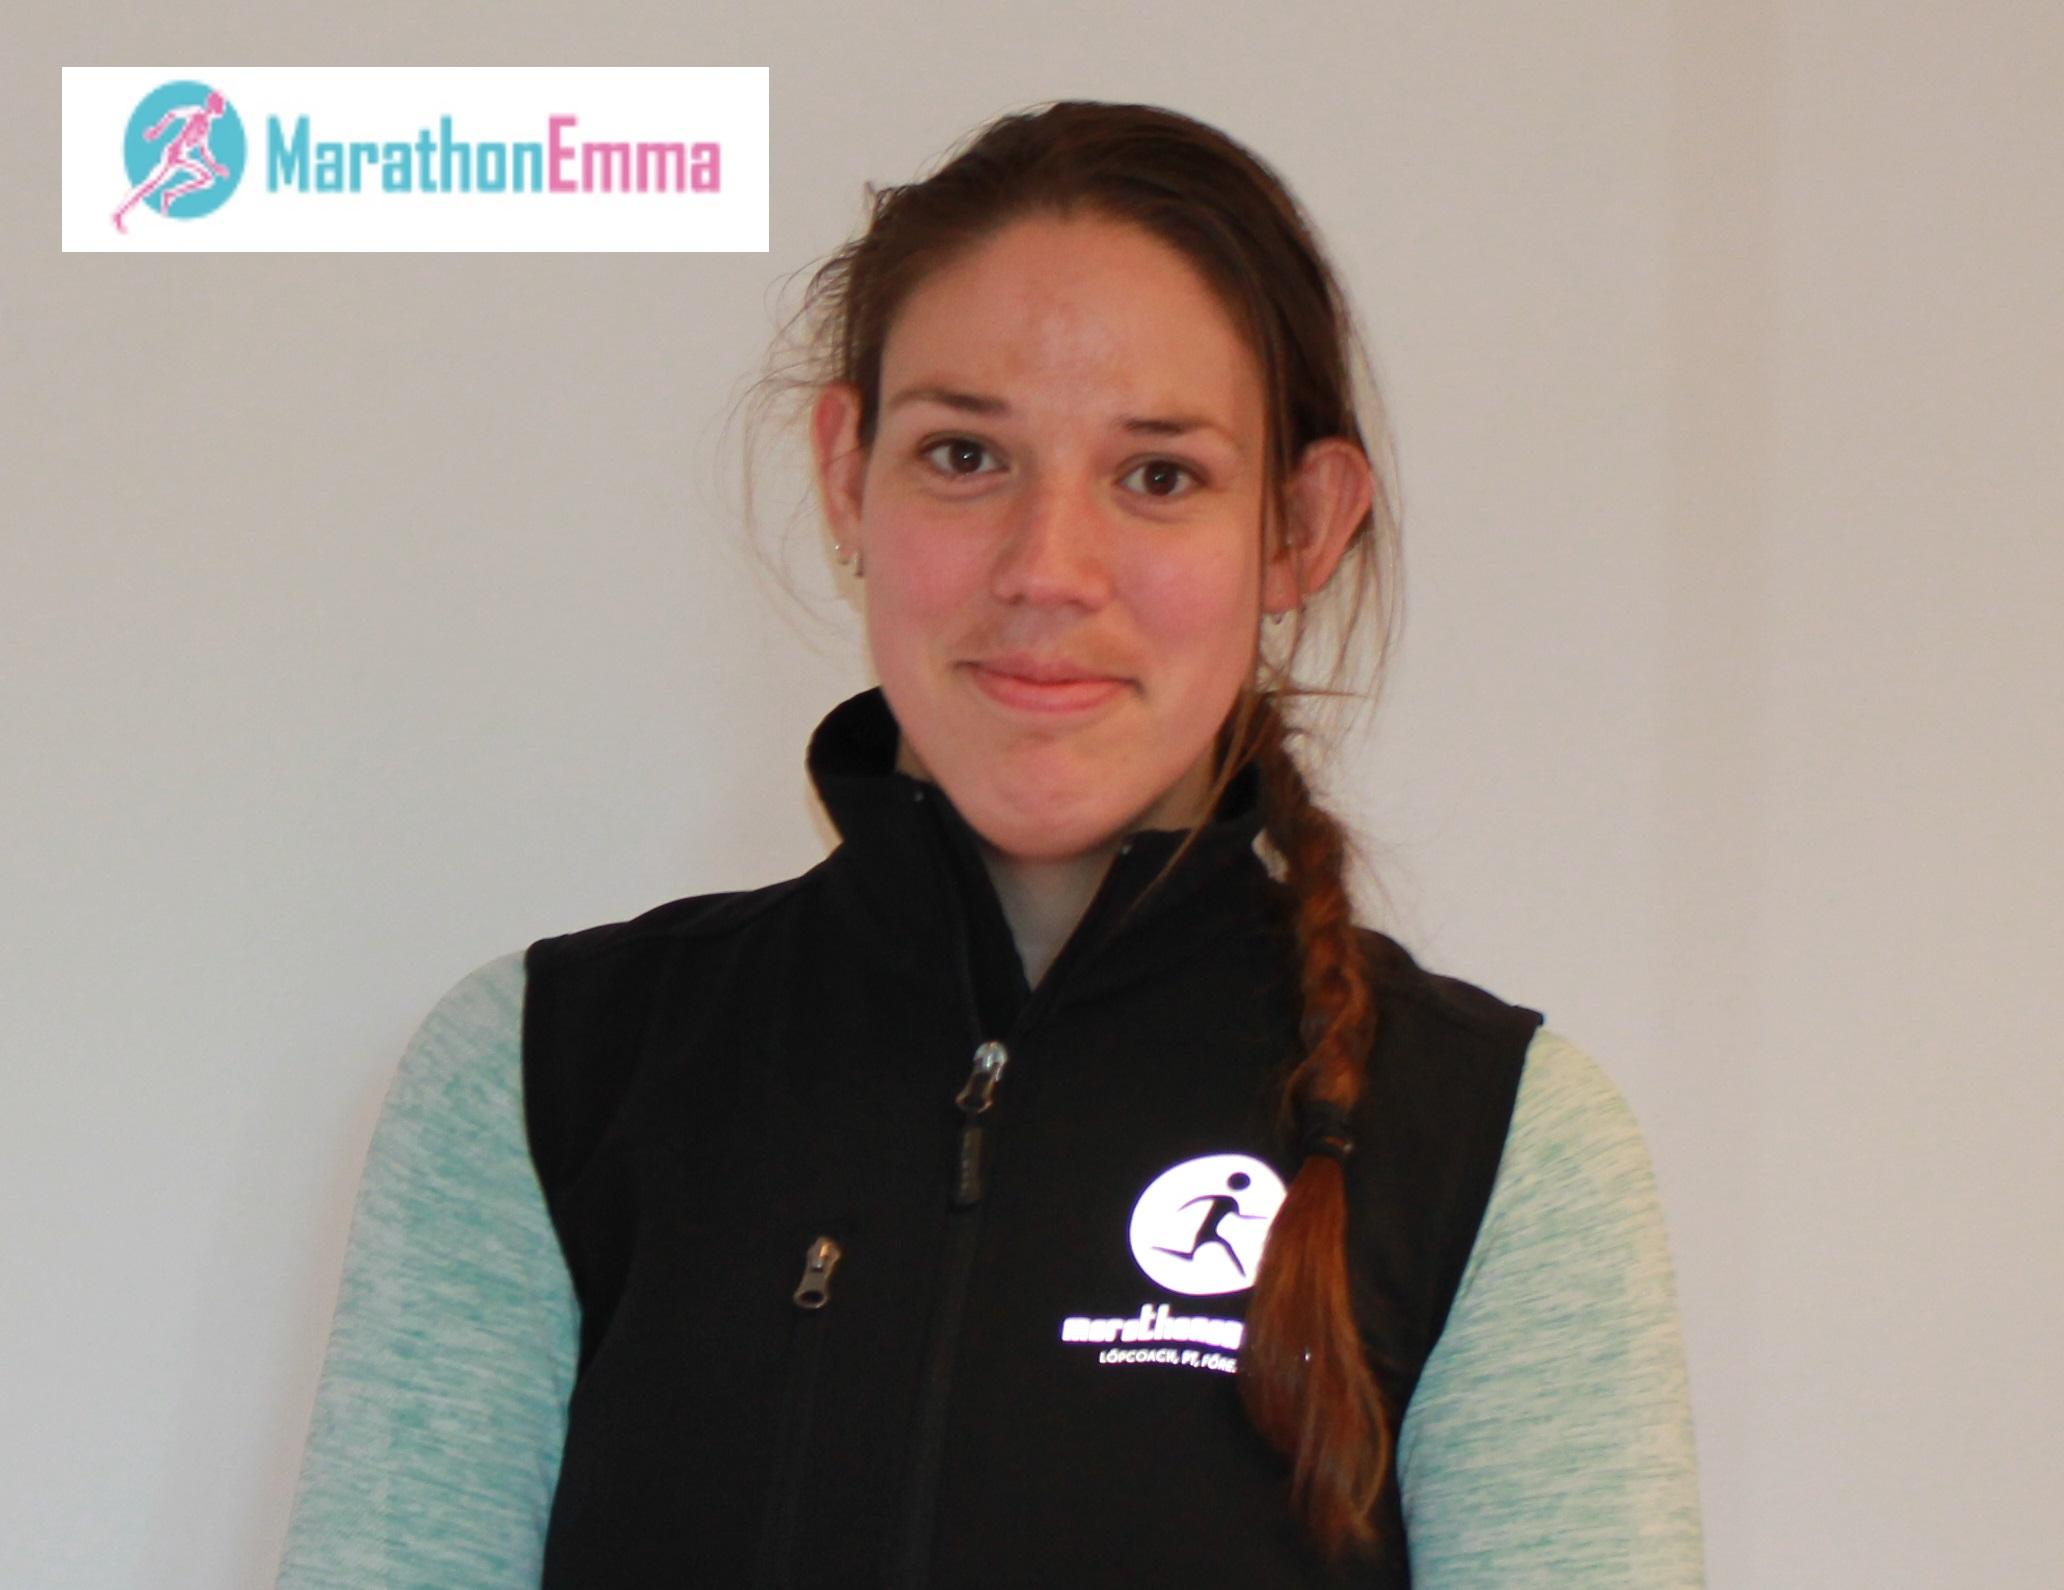 marathonemma